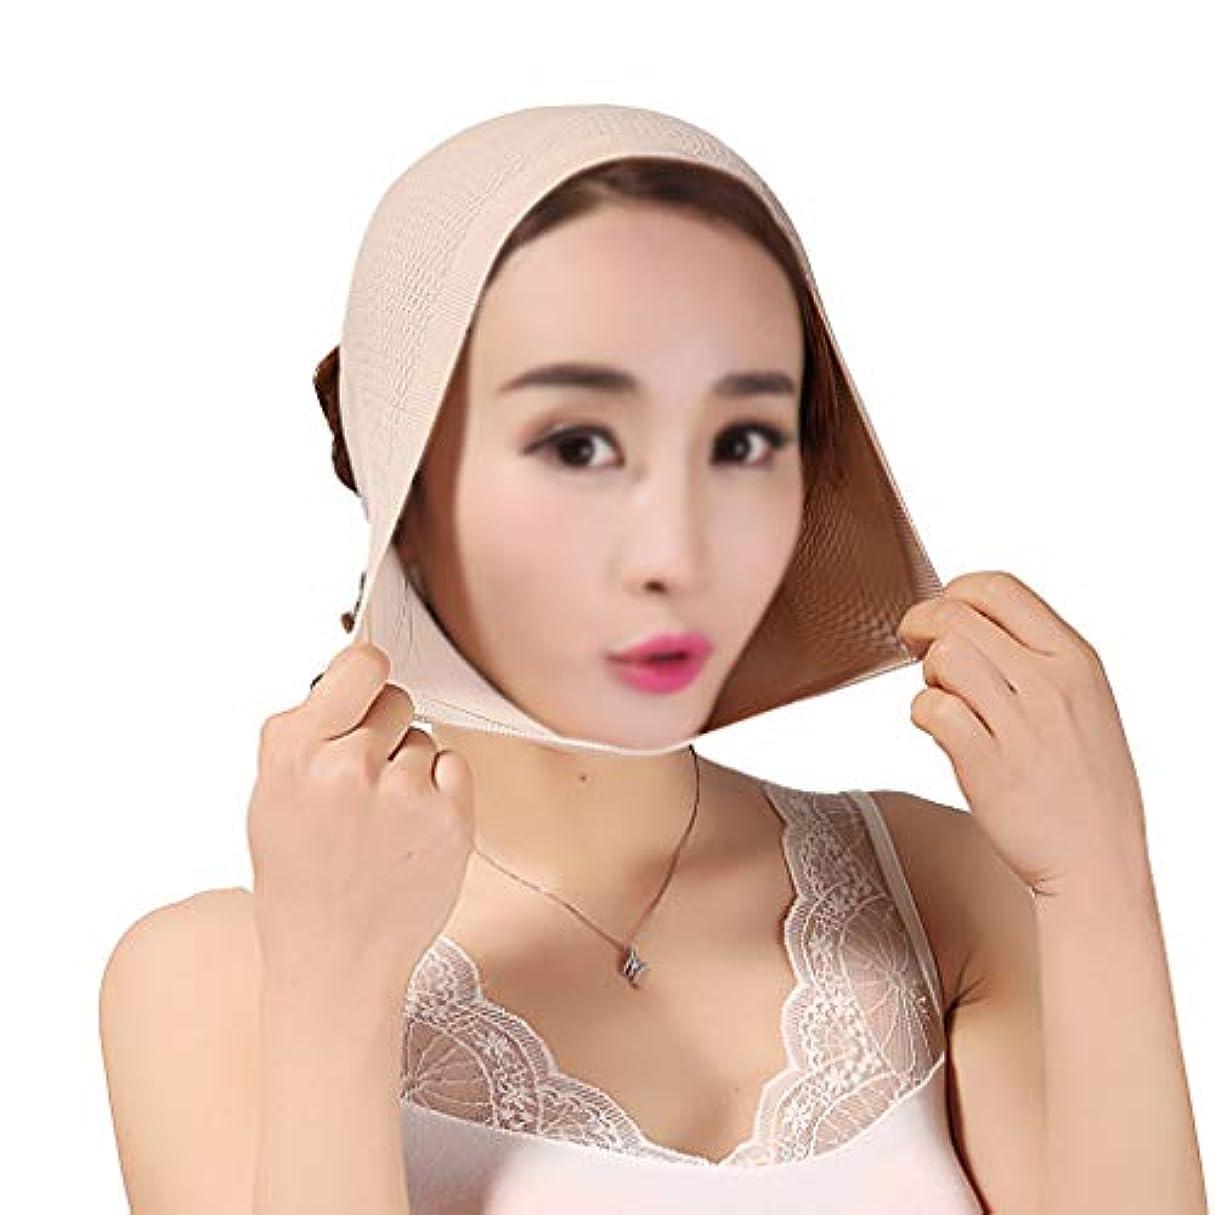 ブラウズなめる許容できるGLJJQMY 痩身ベルトマスク薄い顔のマスクの睡眠薄い顔の包帯の薄い顔のマスクの顔のアーティファクト小さなV顔のダブルチンリフト引き締め顔補正 顔用整形マスク